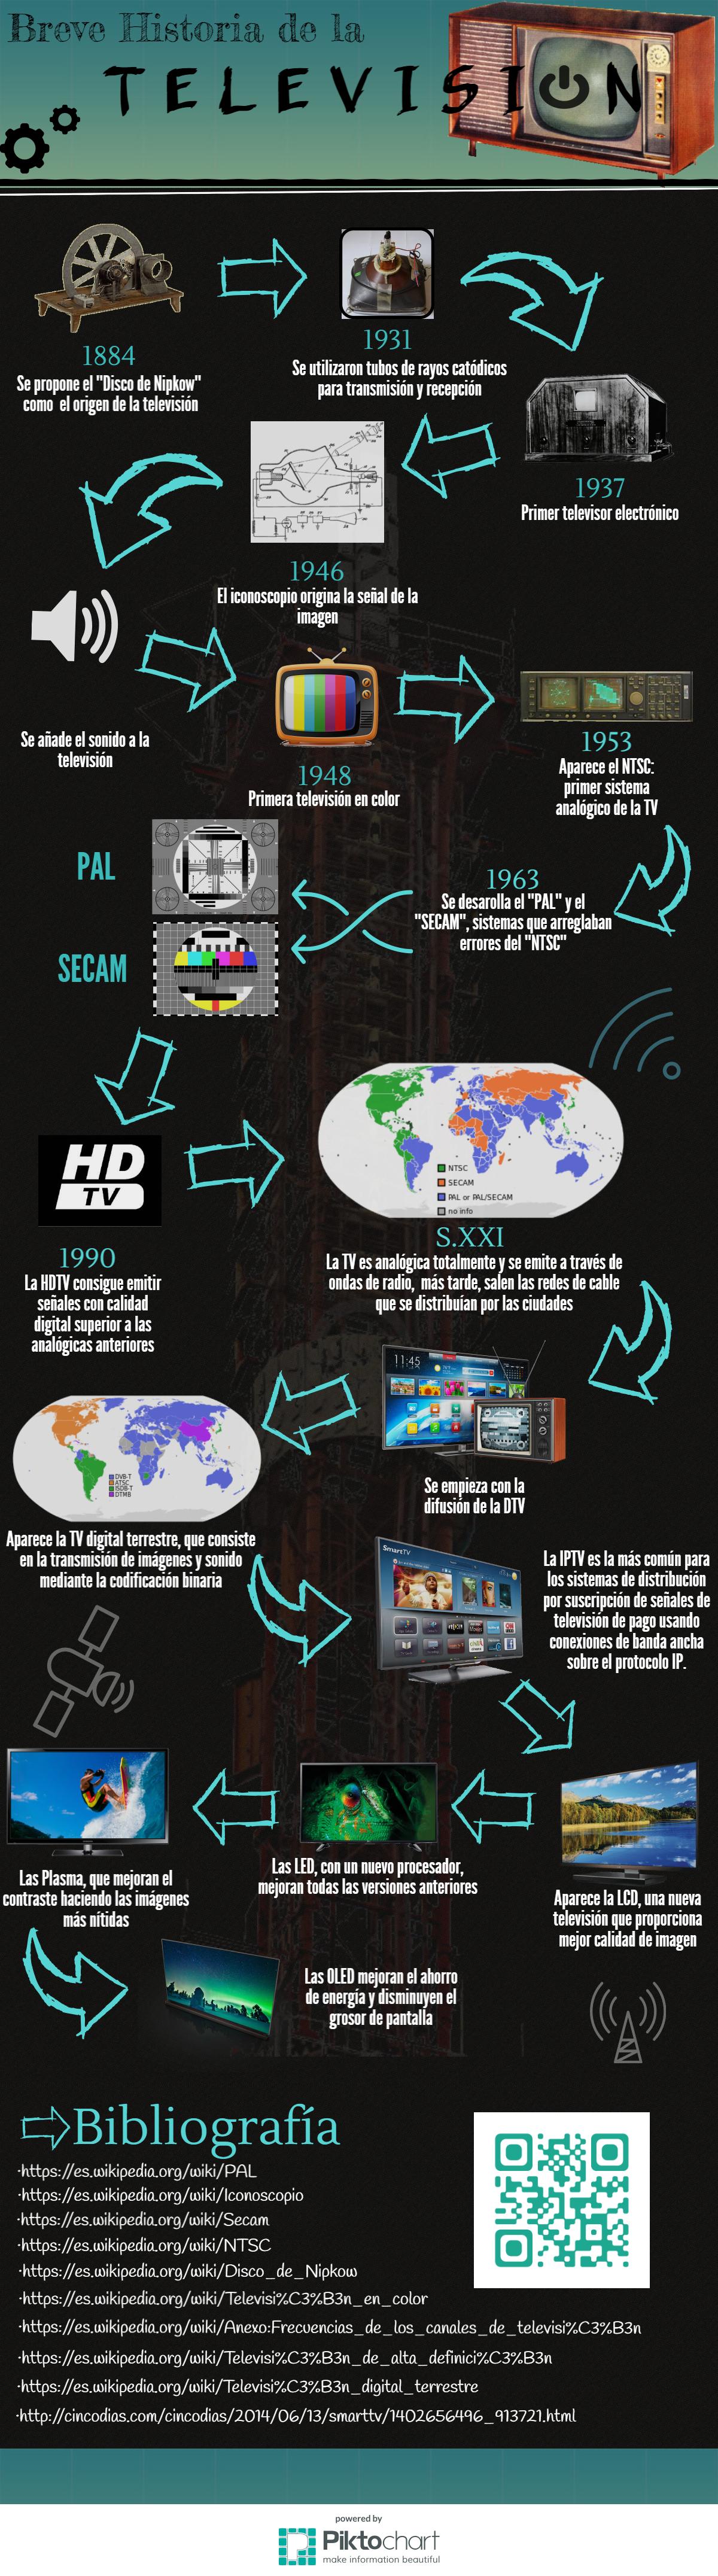 Historia de la television_I. History of TV. Infographic